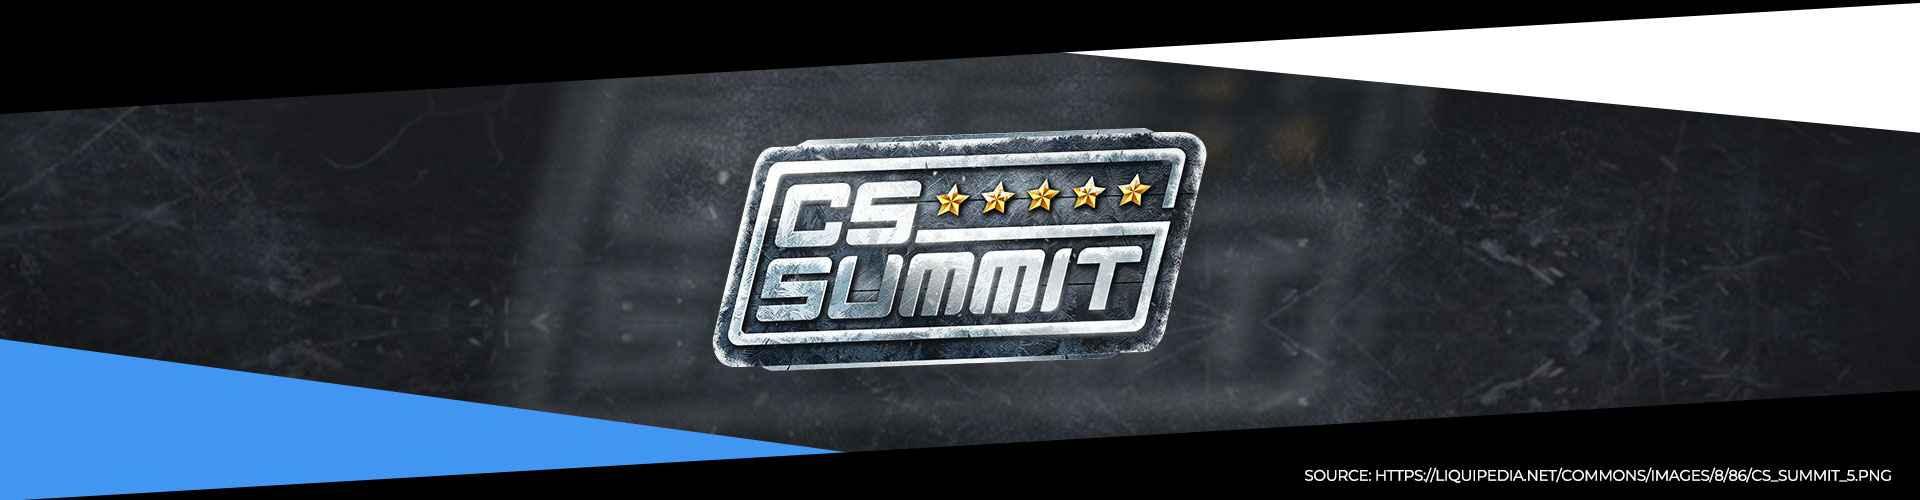 CS:GO - cs_summit 5